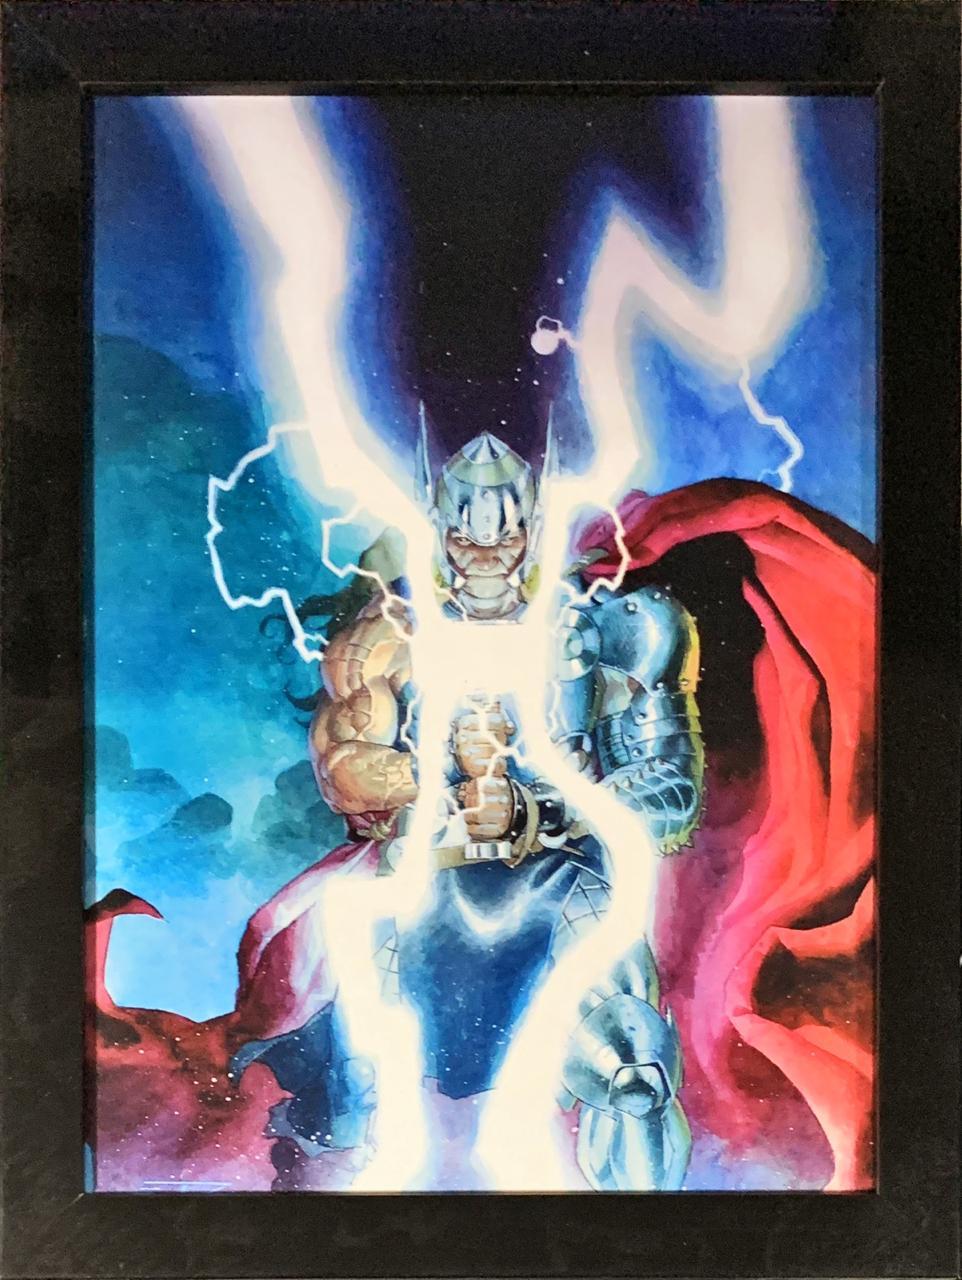 Quadro com MolduraThor: Marvel Comics